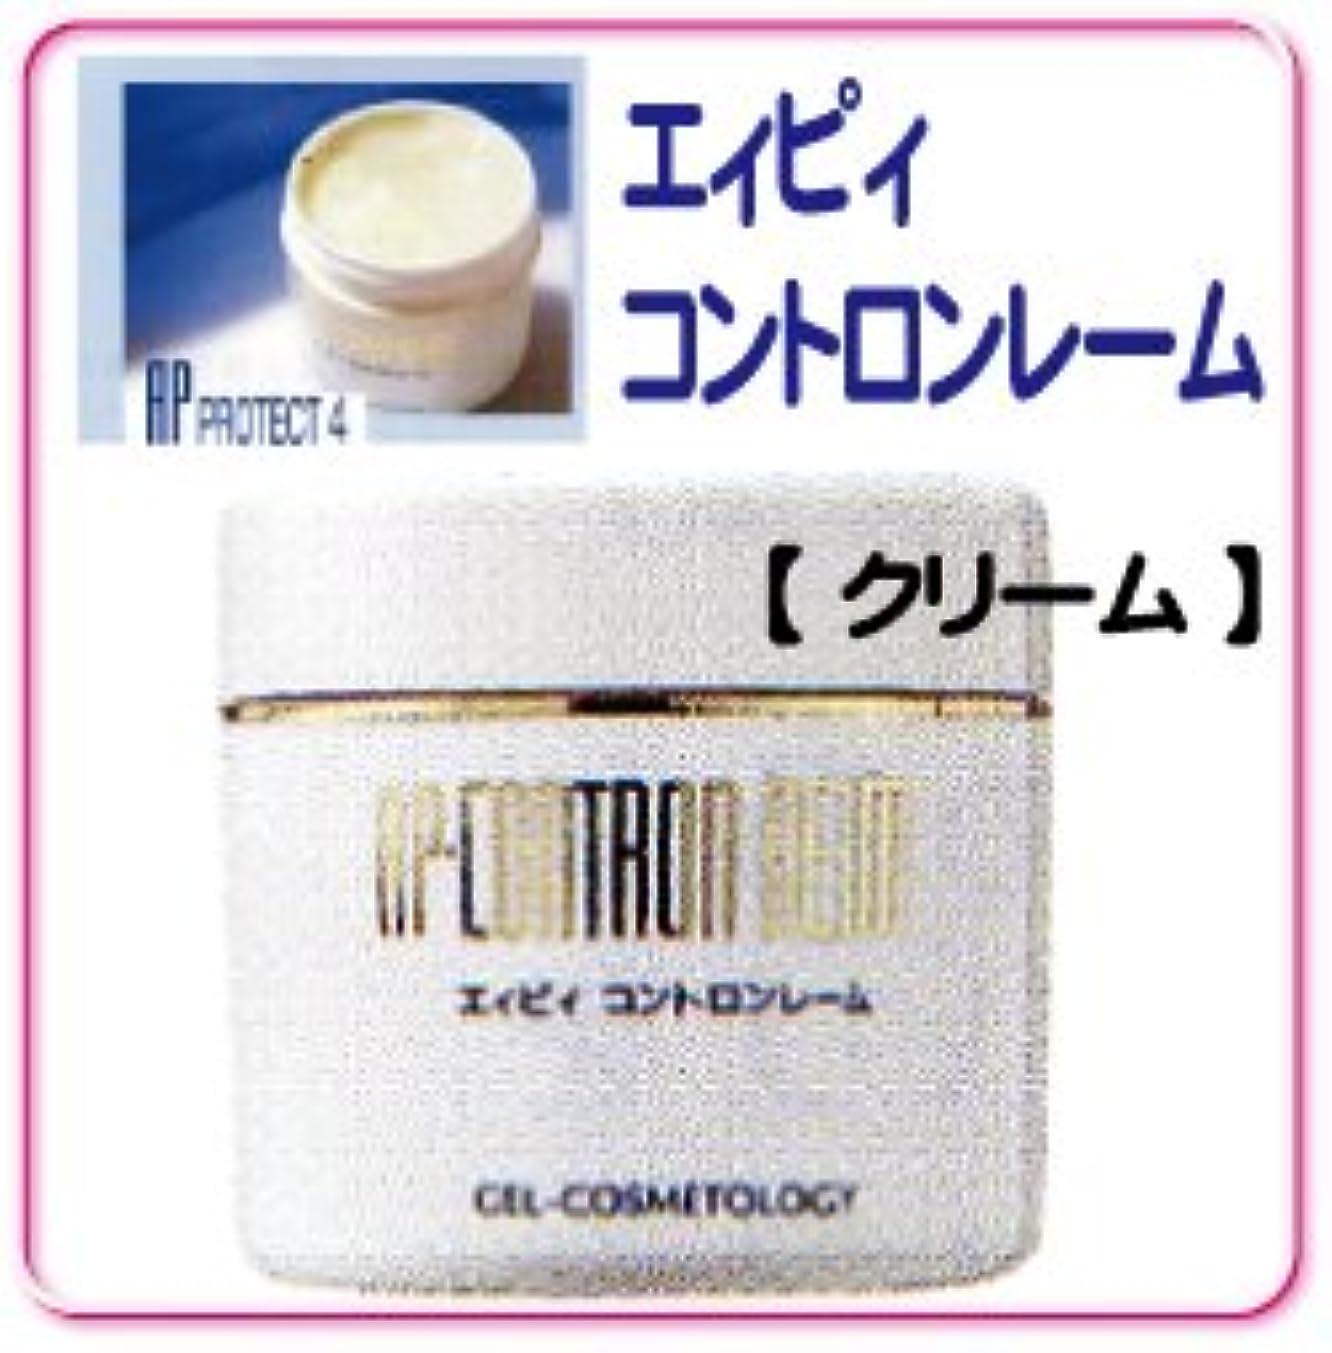 ラッチベジタリアン異邦人ベルマン化粧品 APprotectシリーズ  コントロンレーム  敏感肌用クリーム 110g